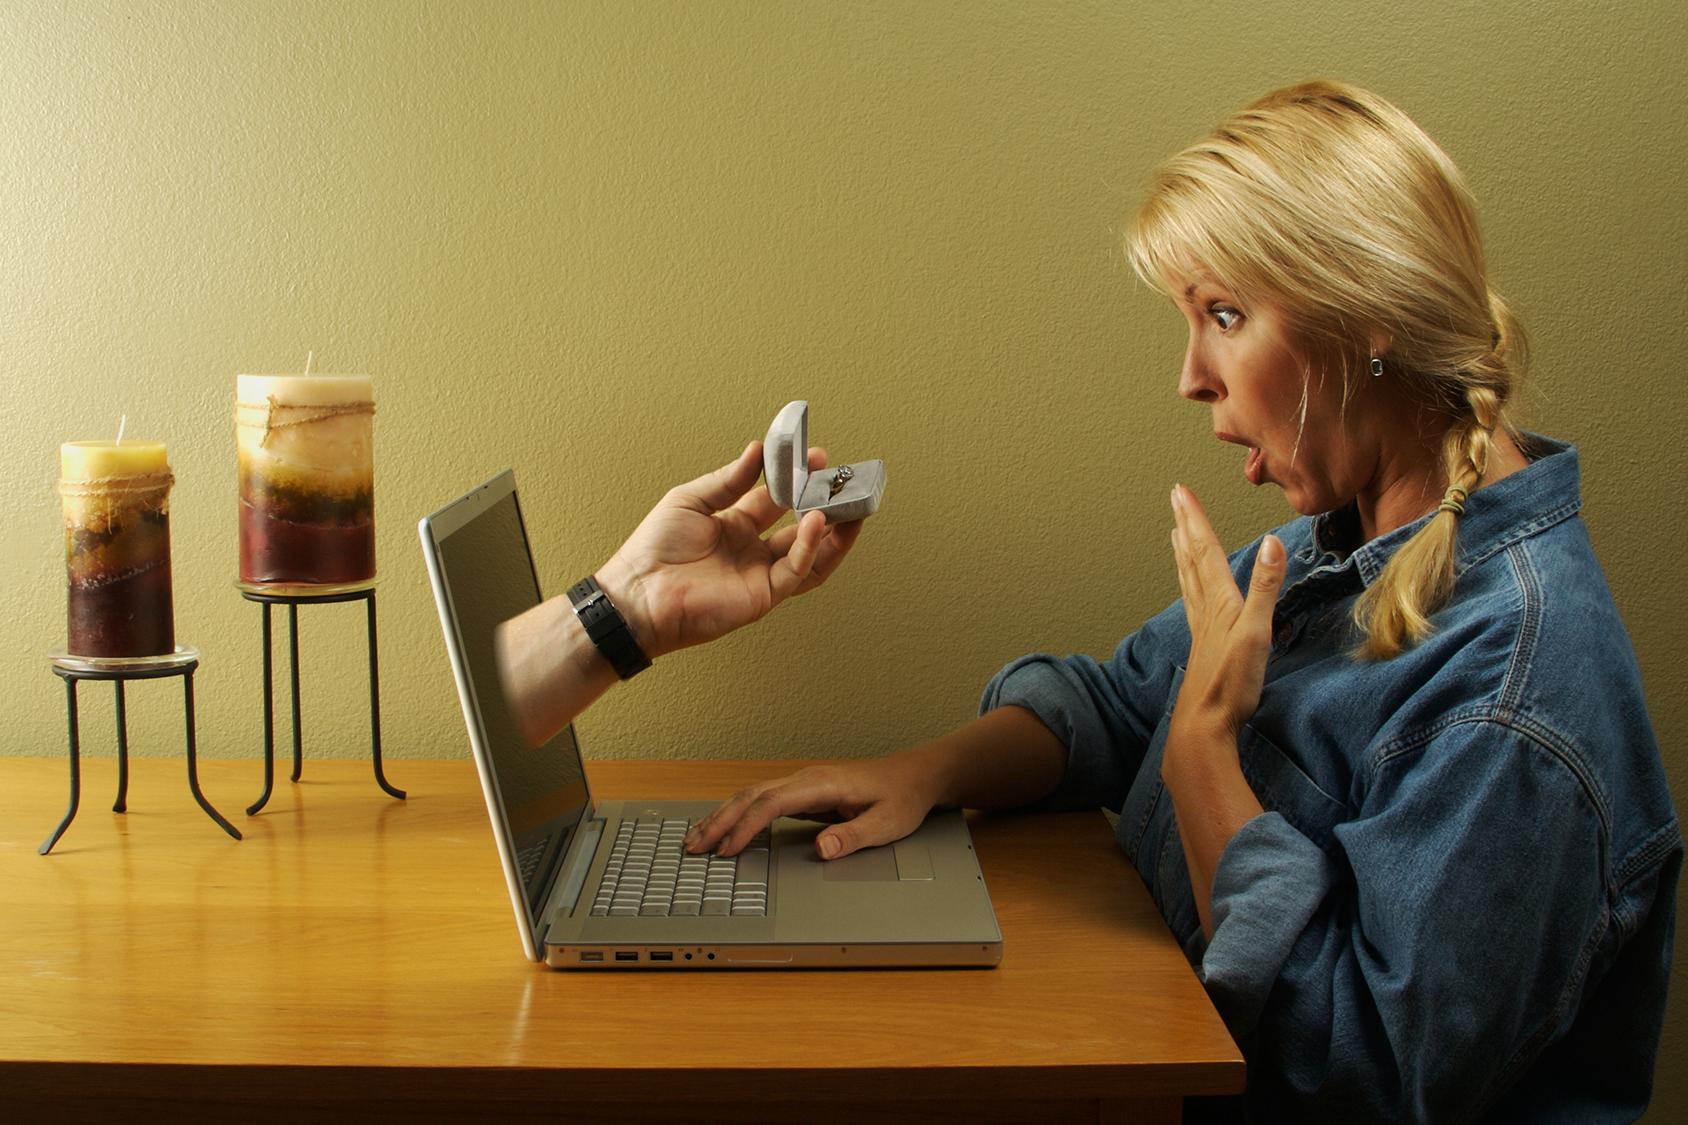 как развести на деньги через знакомство в интернете